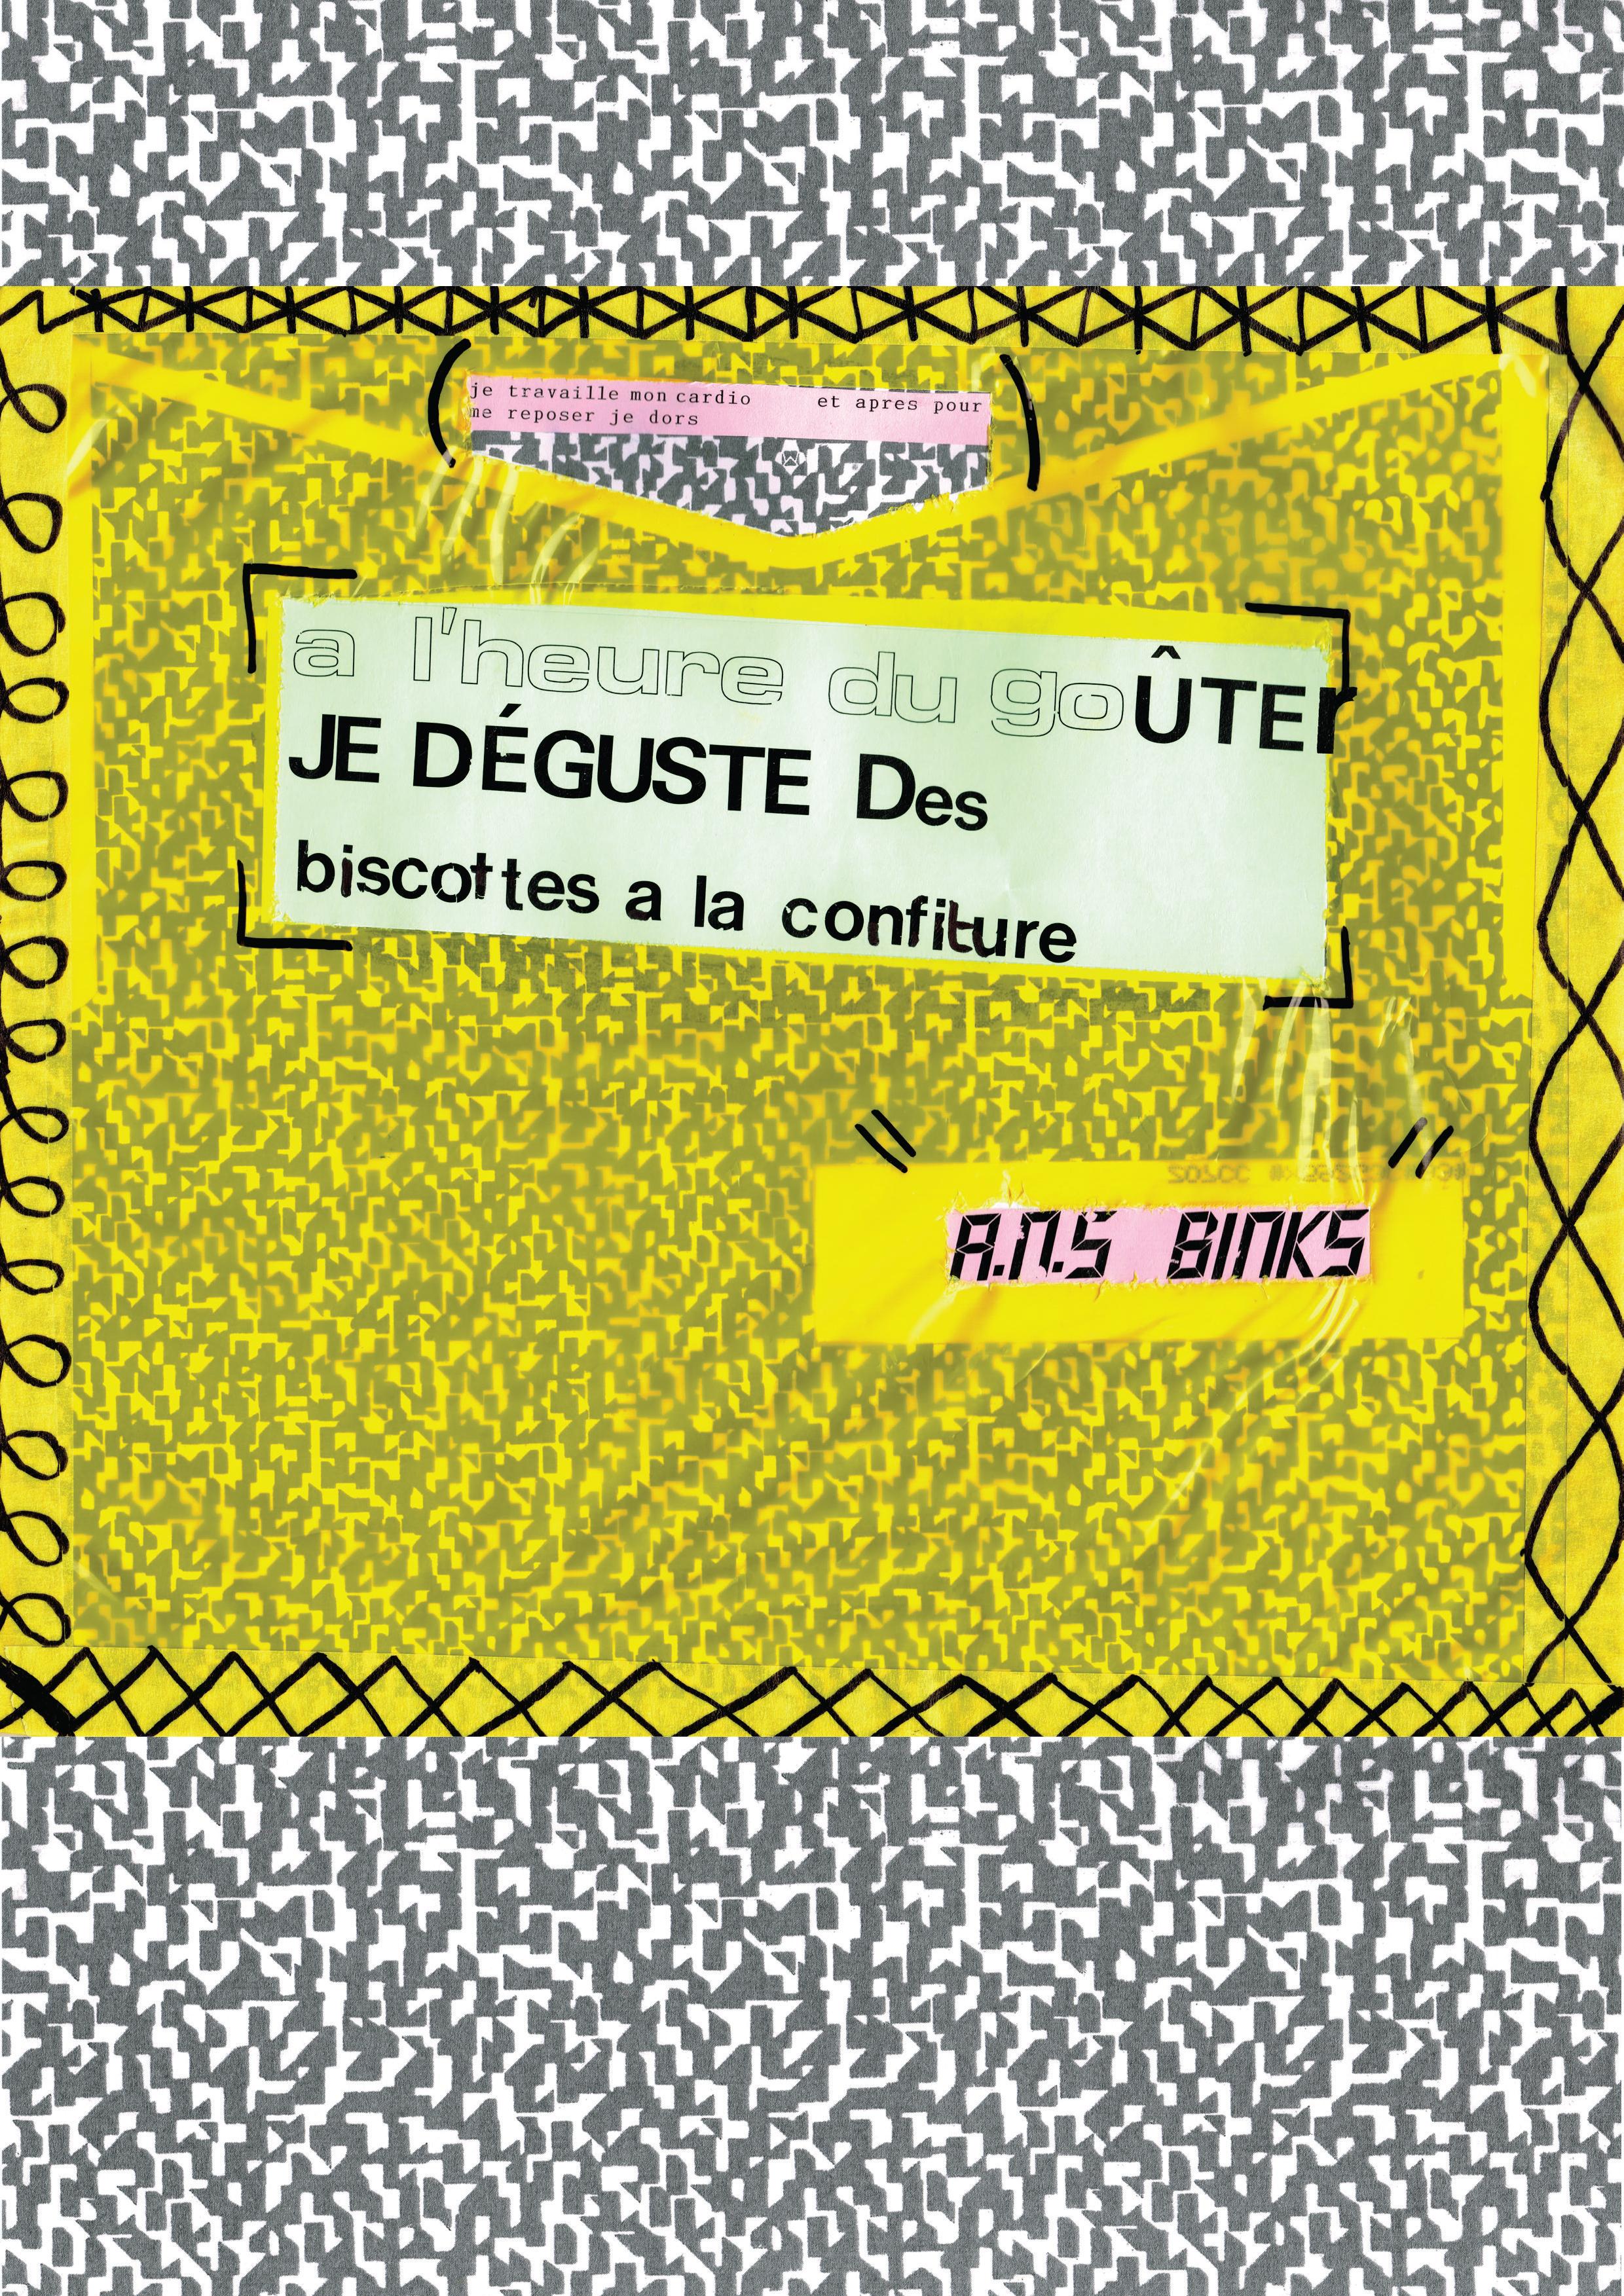 Affiche réalisée par Anis AYAD (collège Jean-Baspiste Lebas, Roubaix) dans le cadre de l'atelier de l'artiste Joséphine Kaeppelin, janvier 2020.